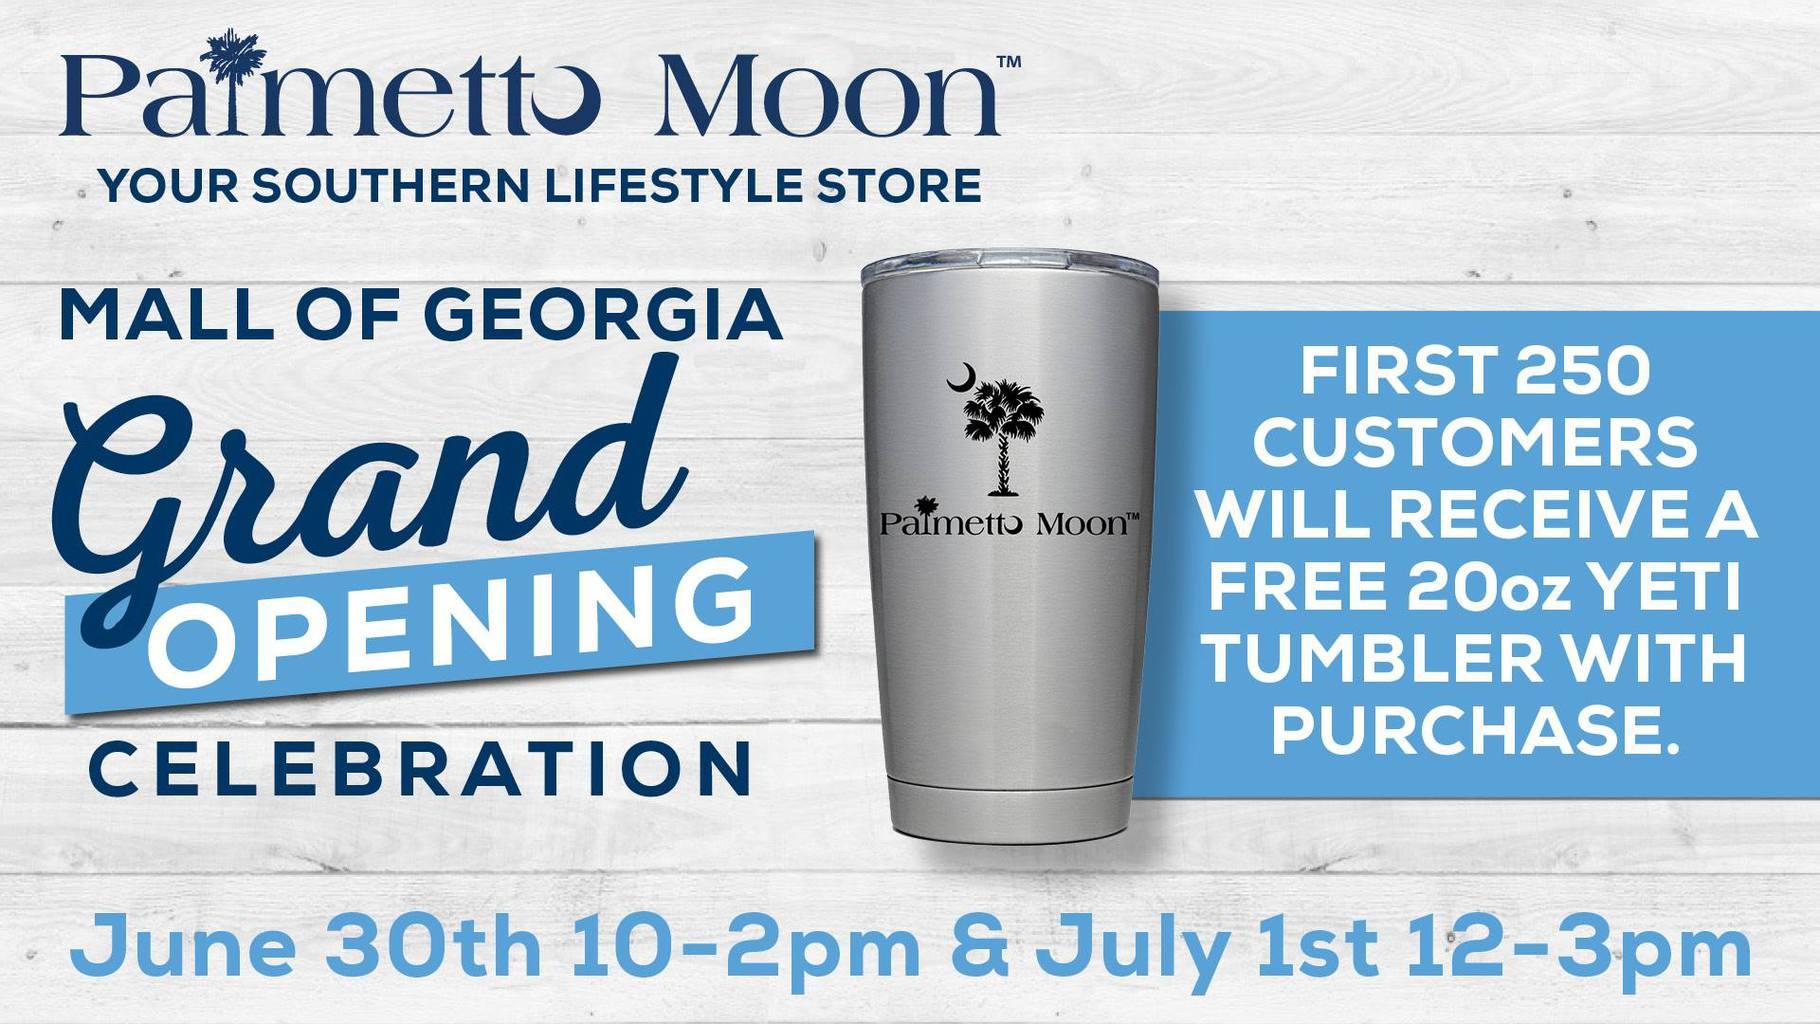 Palmetto Moon Stores in Georgia